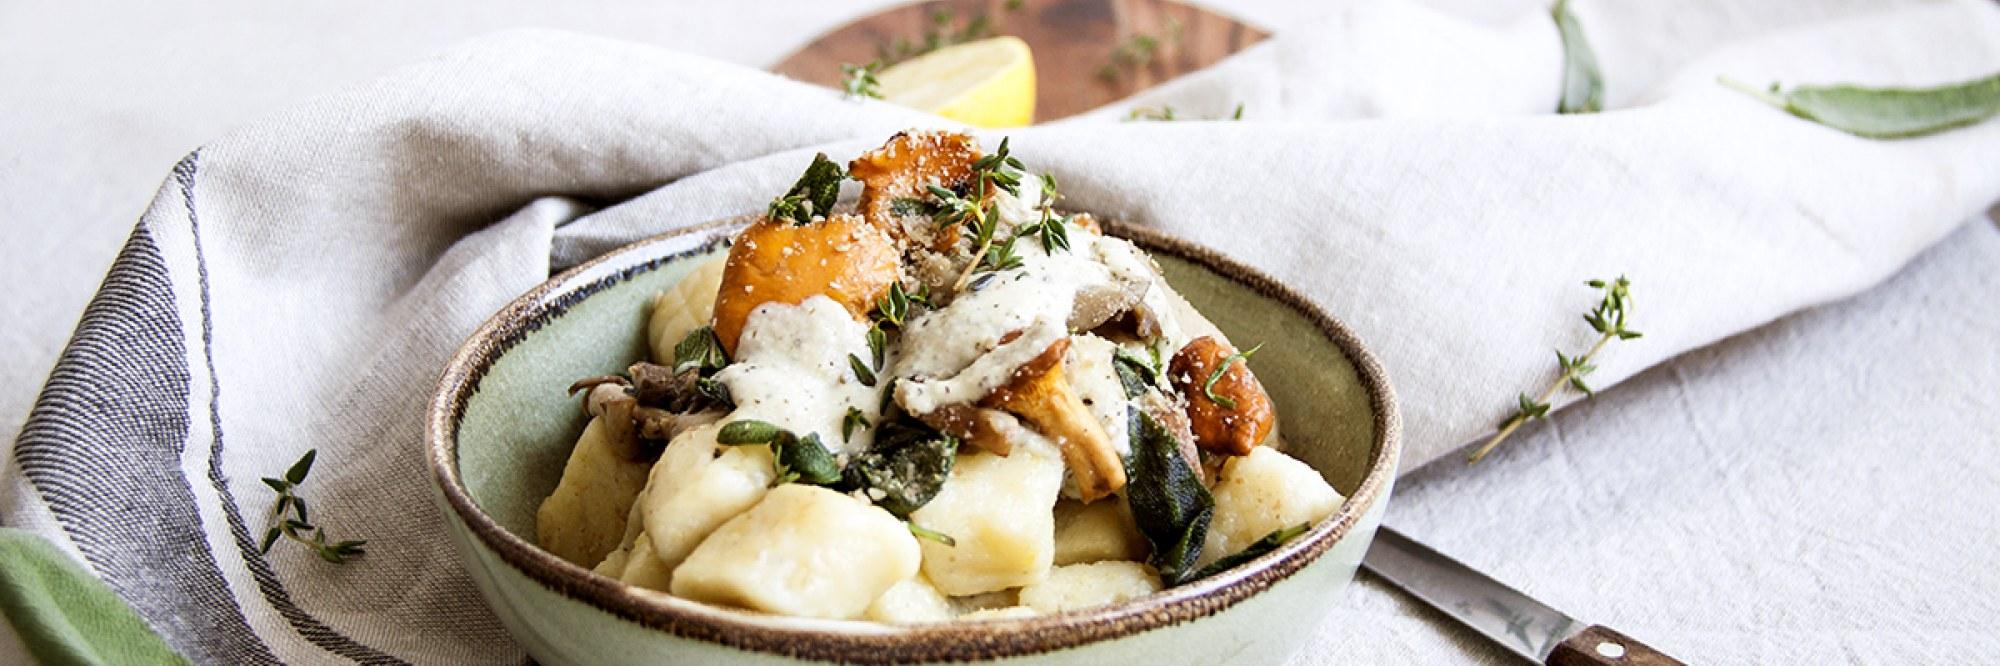 Gnocchi champignons saison sauge veggie végétarien